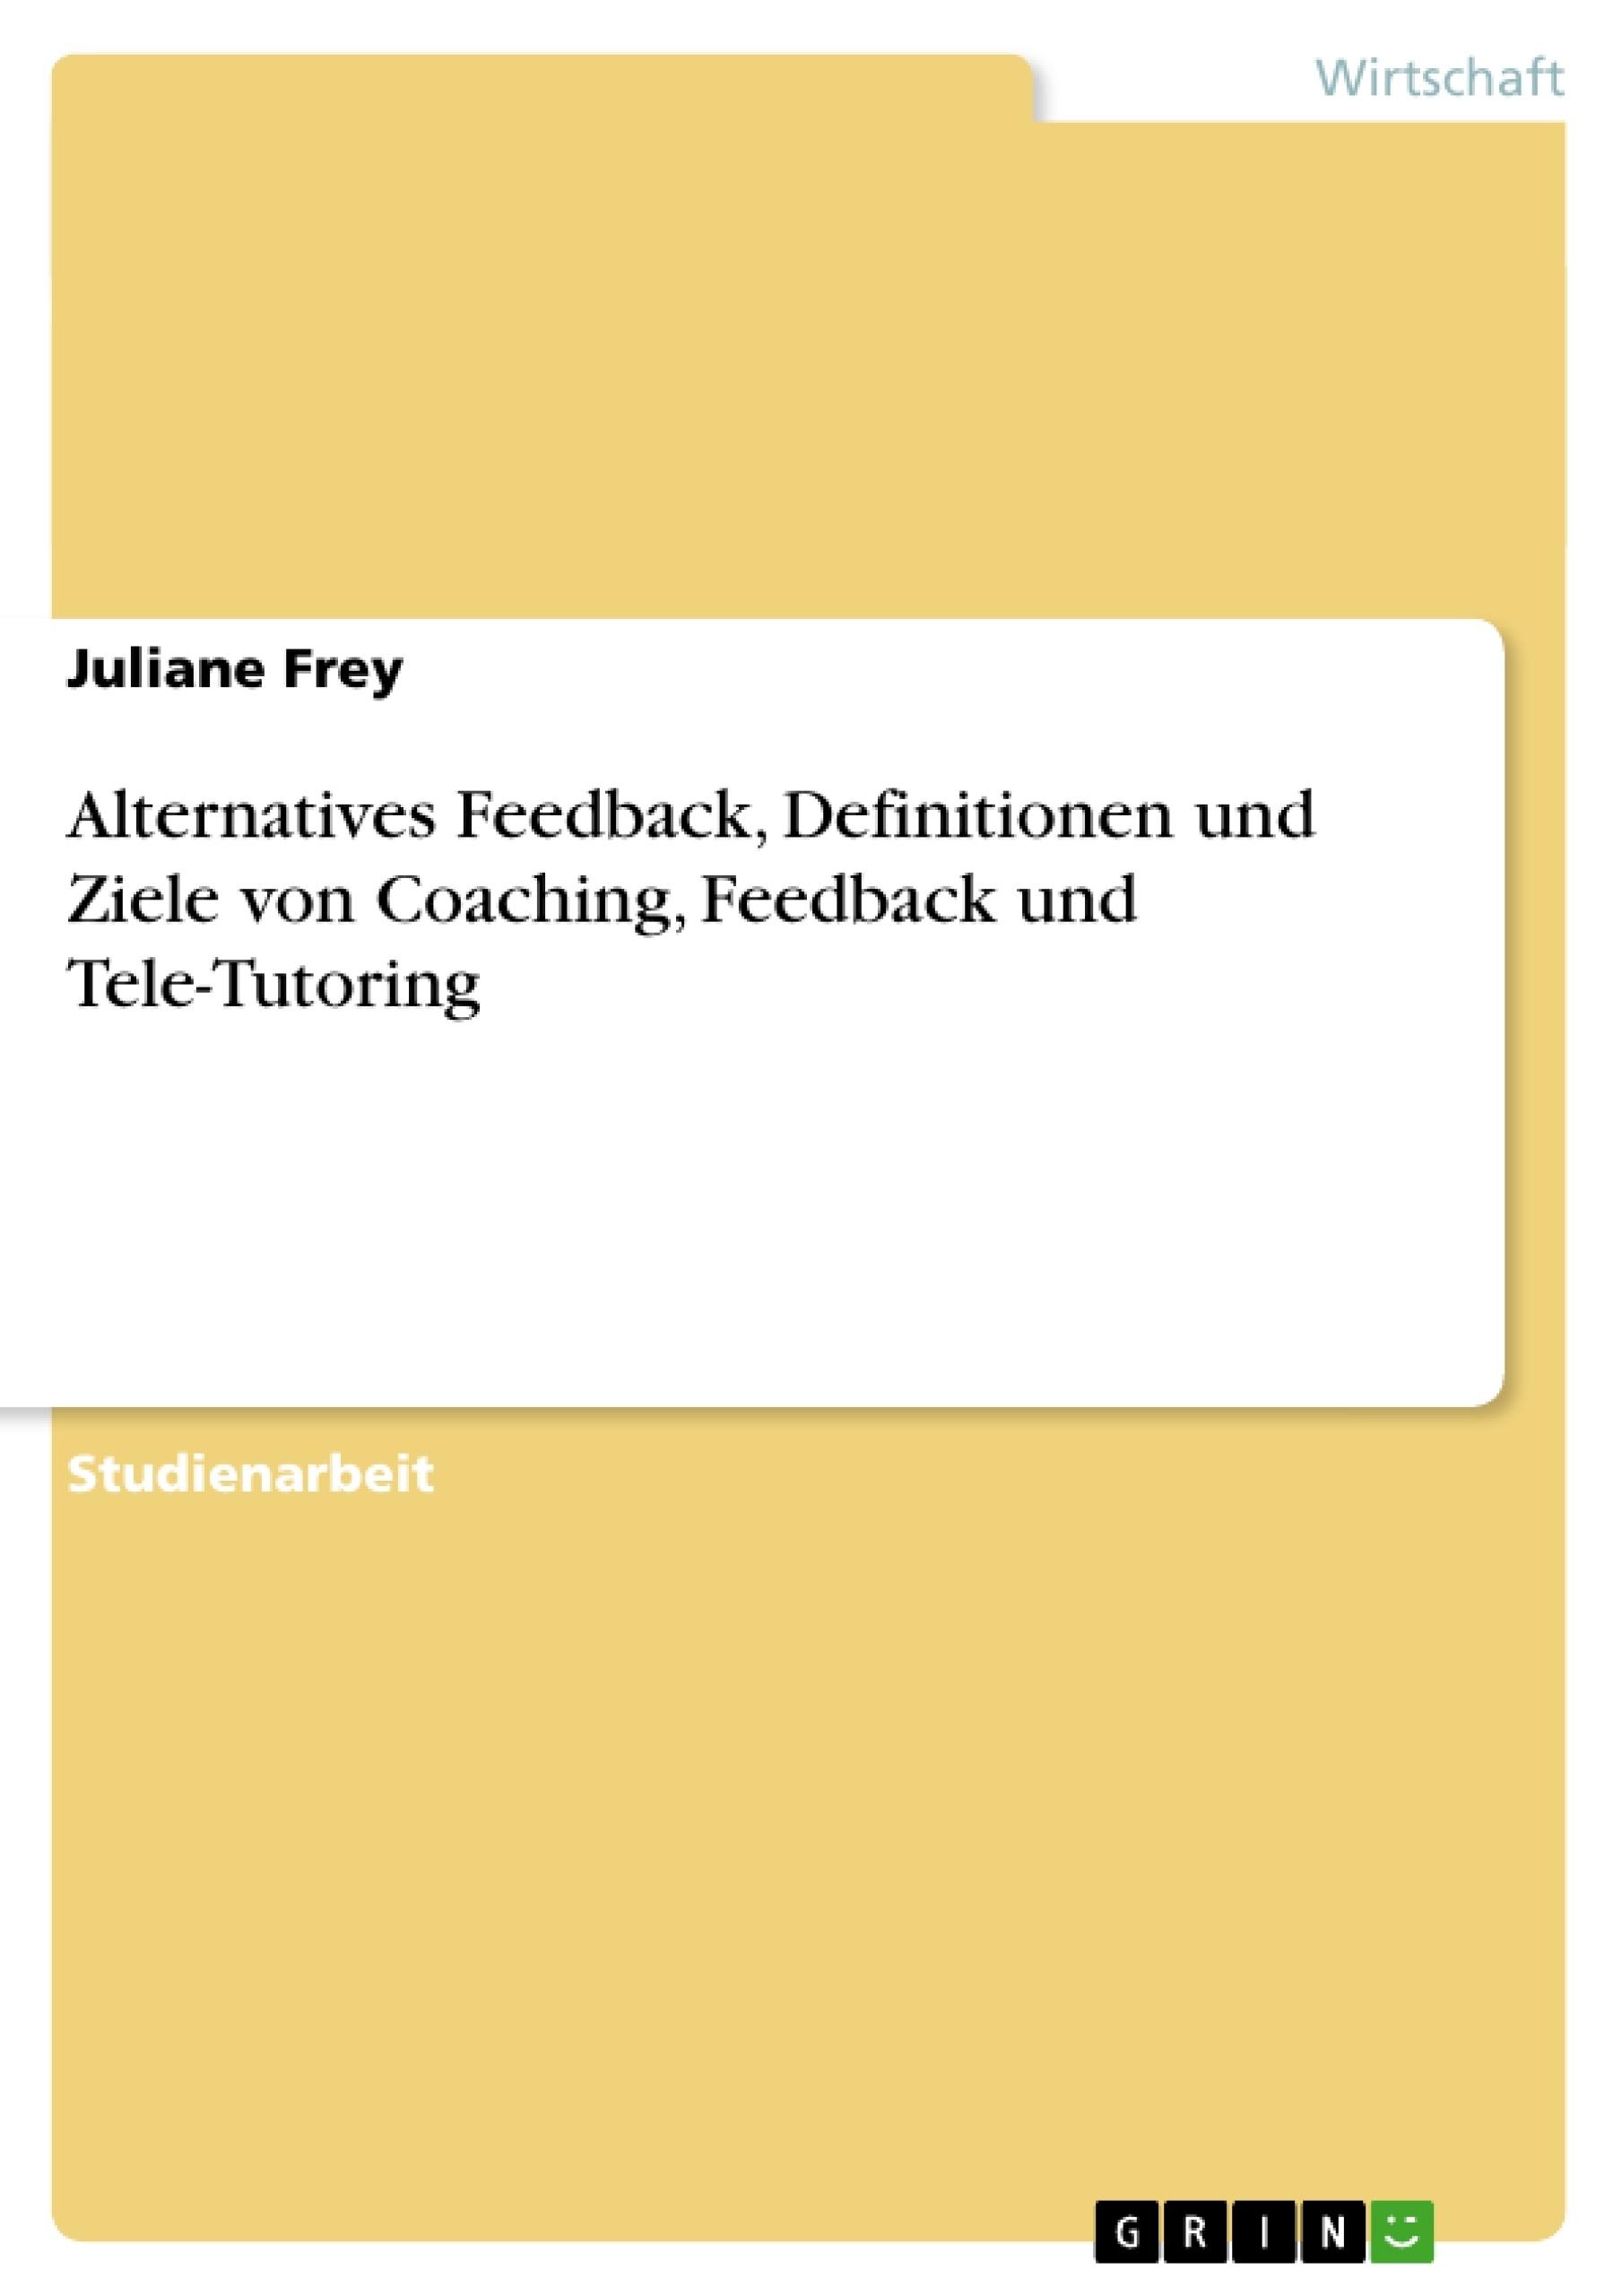 Titel: Alternatives Feedback, Definitionen und Ziele von Coaching, Feedback und Tele-Tutoring